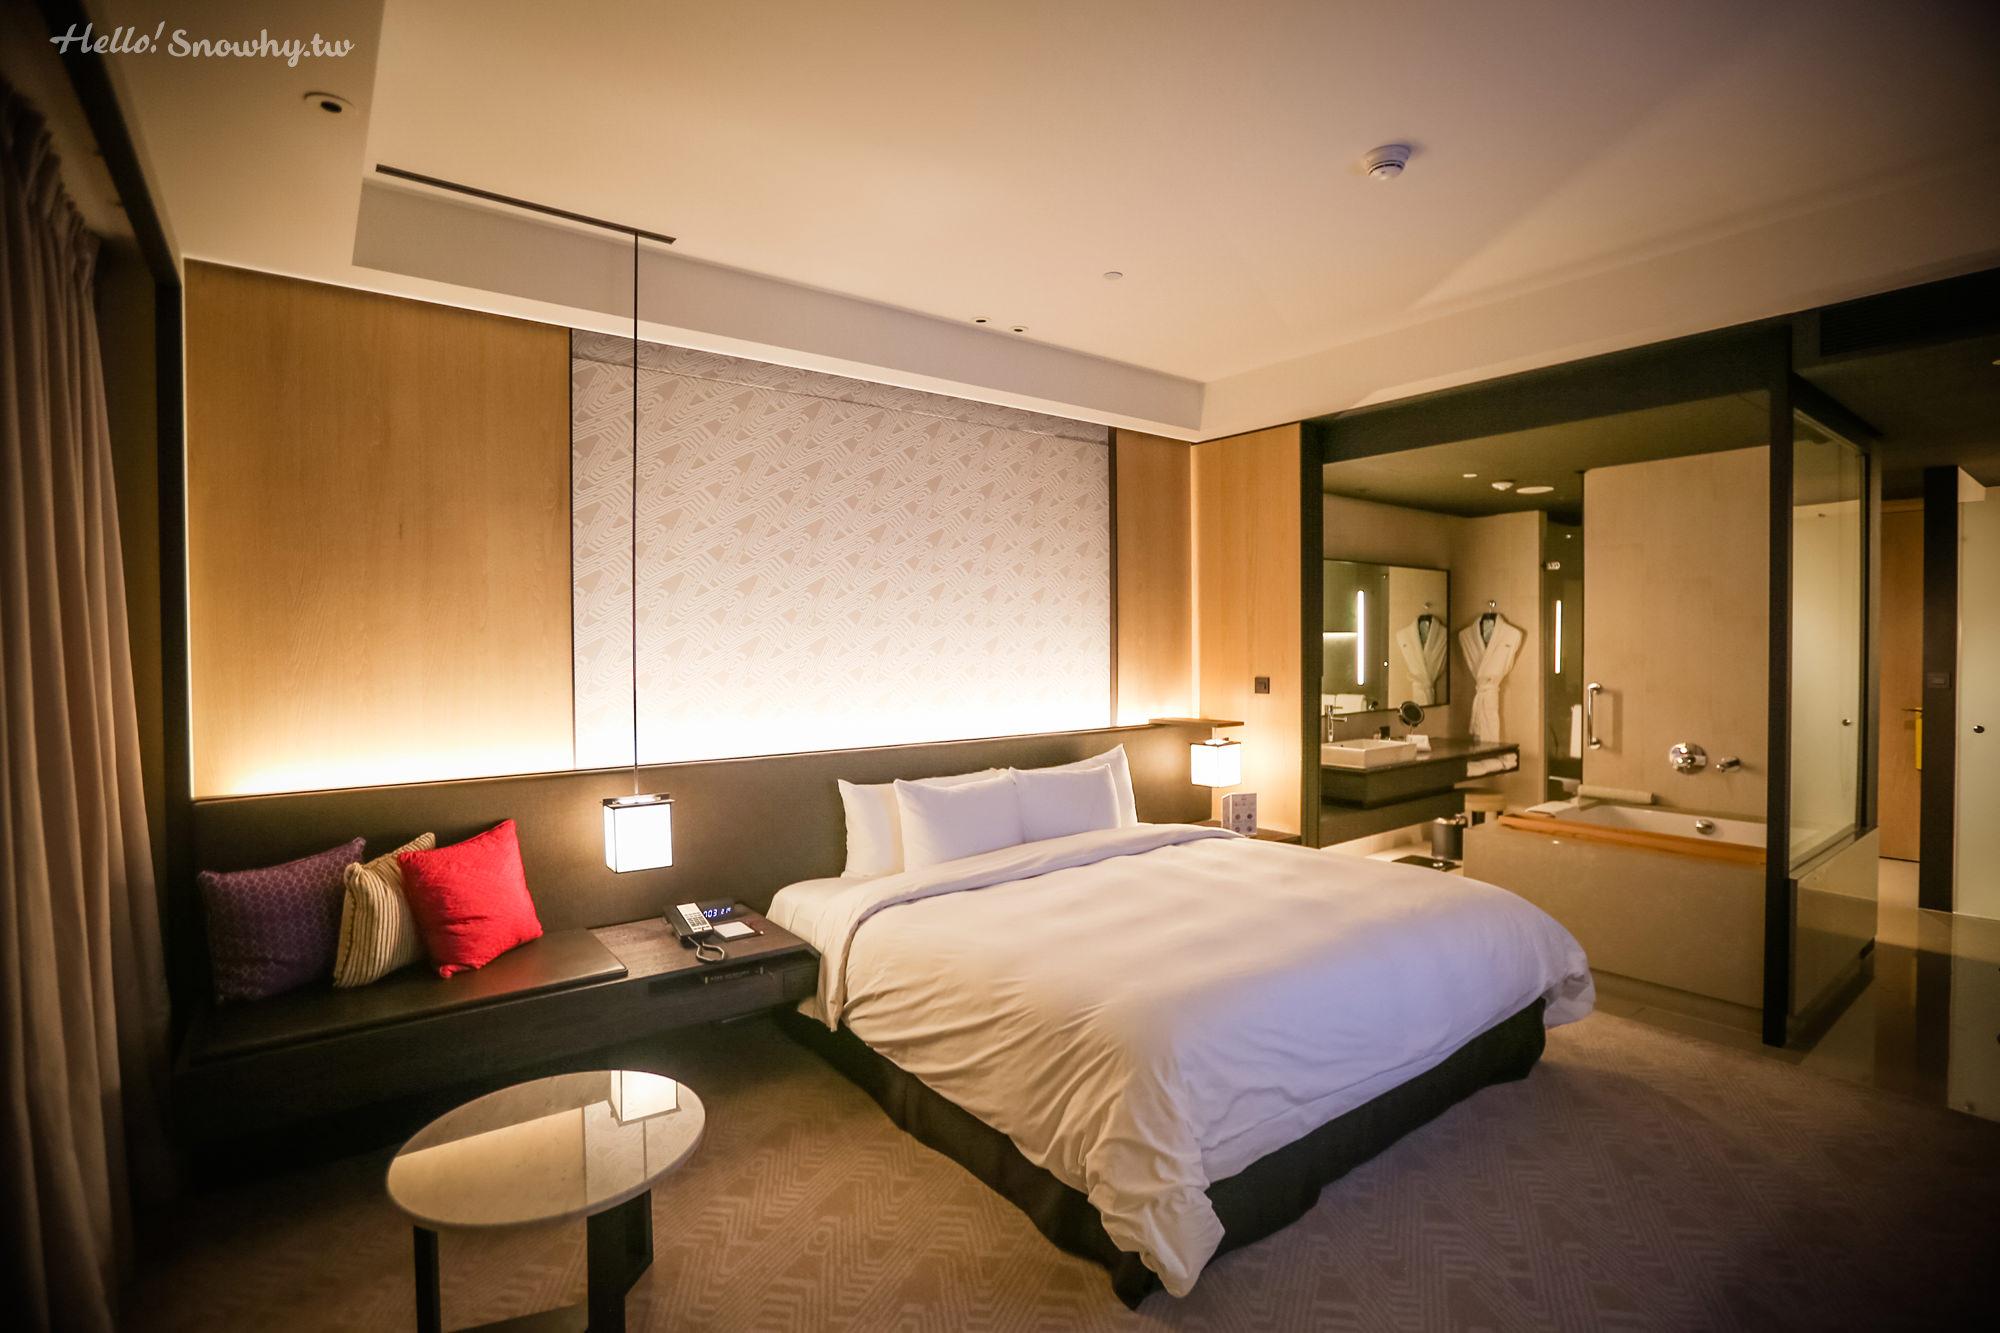 台南大員皇冠假日酒店,五星級的住宿,鄰近安平景點,安平景點,親子飯店,台南住宿,台南飯店